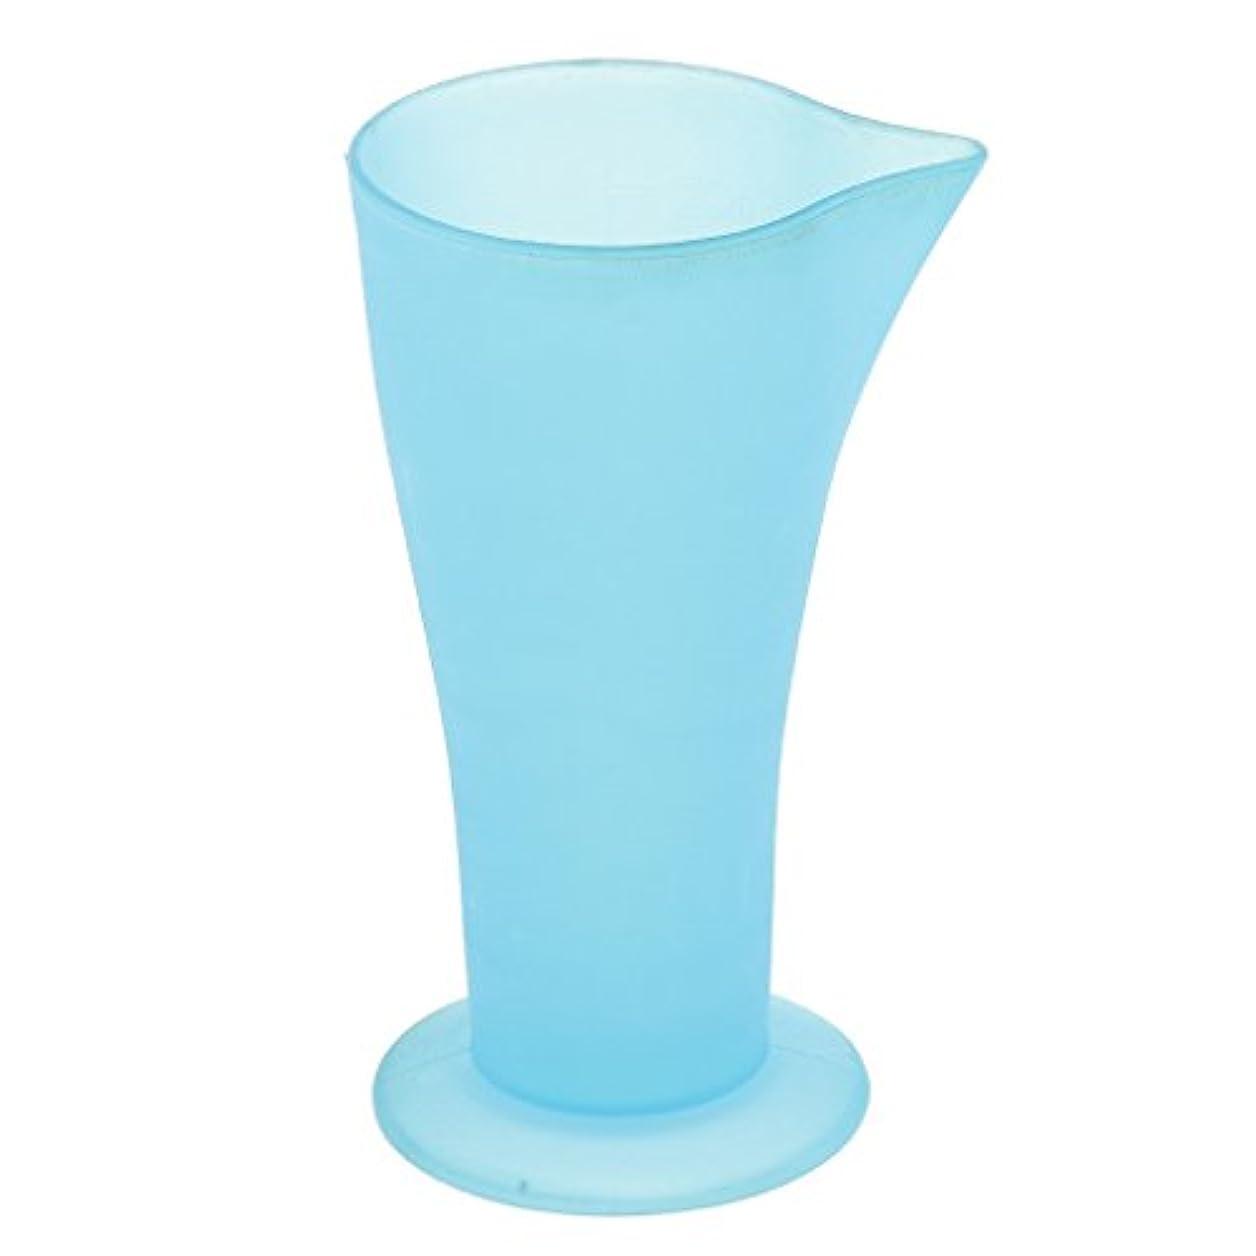 うなるカップ柔らかさSONONIA ヘアダイ容器 計量カップ 白髪染め ヘアカラー おしゃれ染め プラスチック 髪の色合い 色の混合用 再使用可能 ブルー